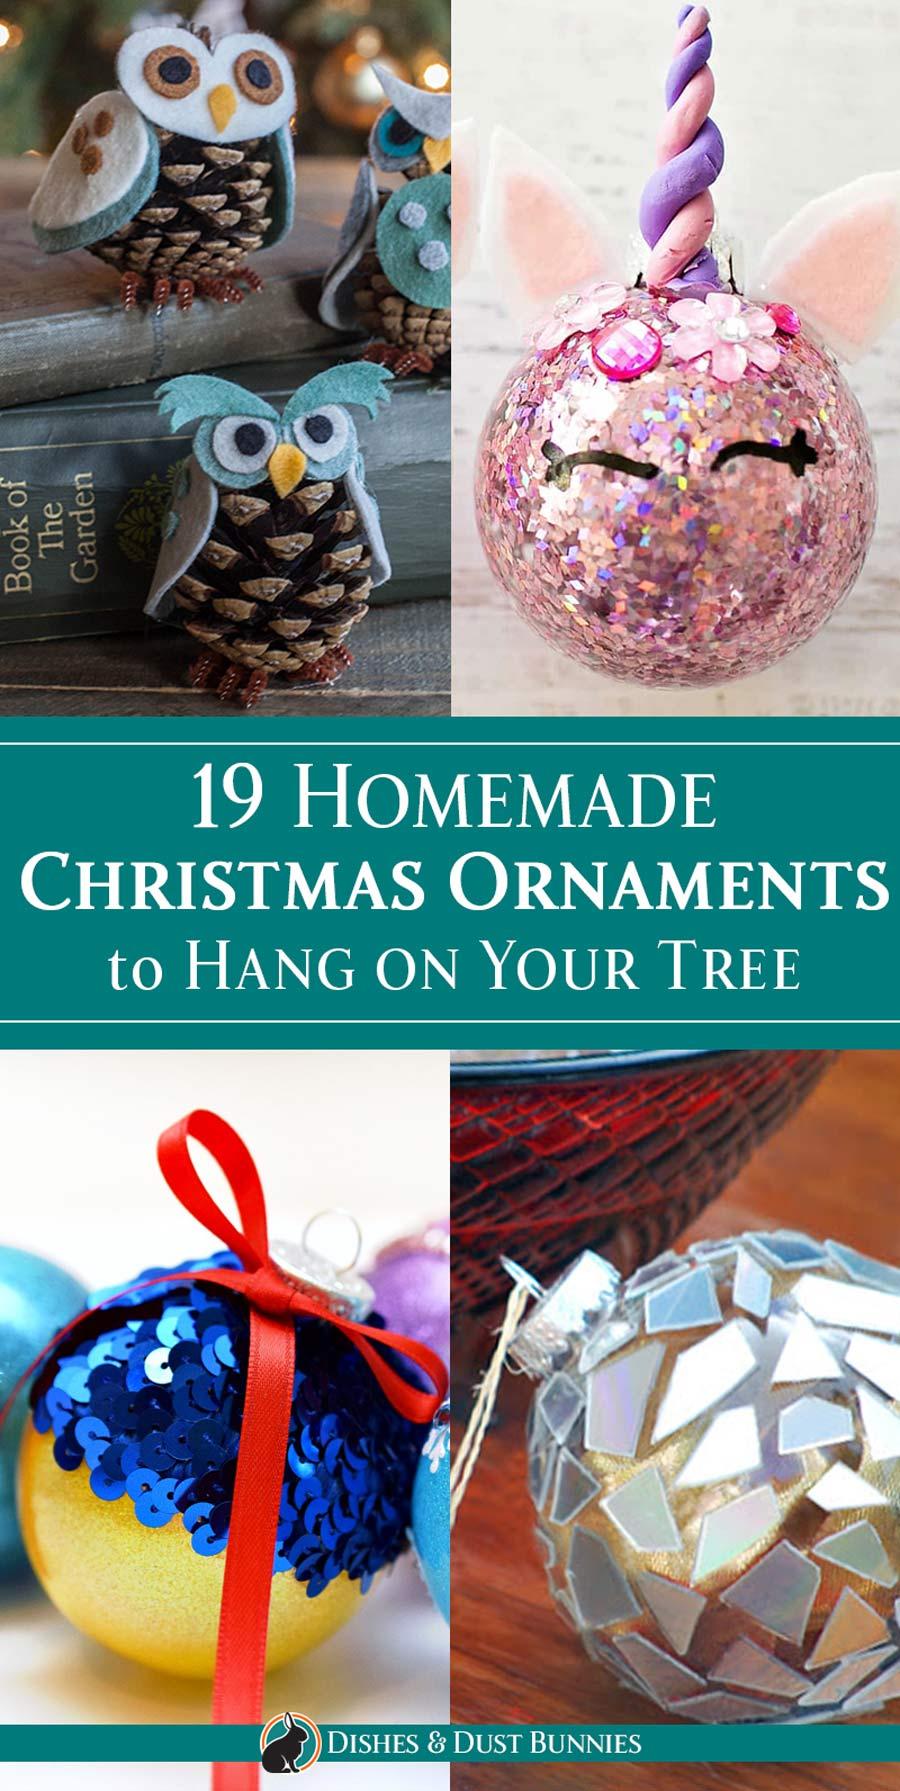 19 Homemade Christmas Ornaments to Hang on Your Tree